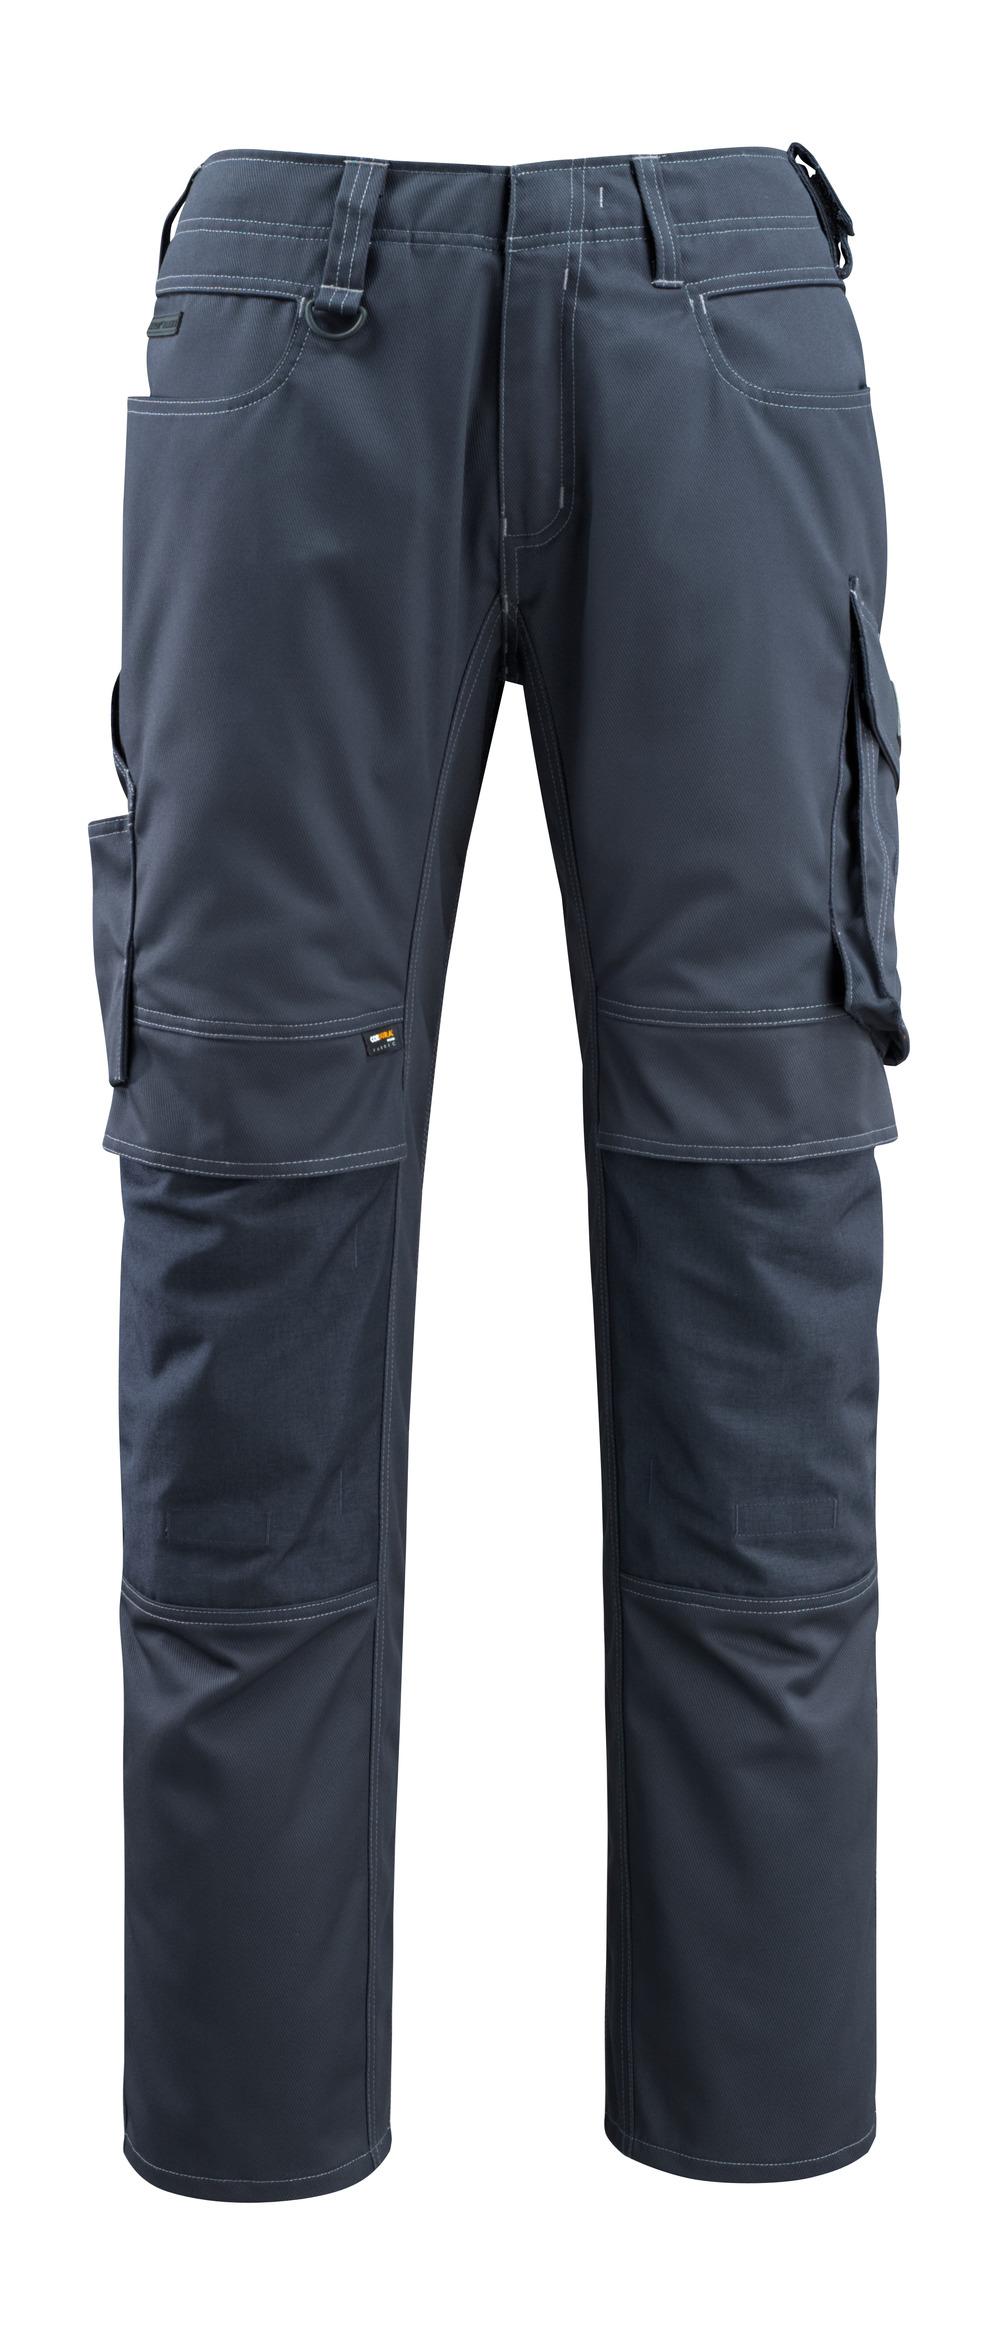 12479-203-010 Pantalones con bolsillos para rodilleras - azul marino oscuro